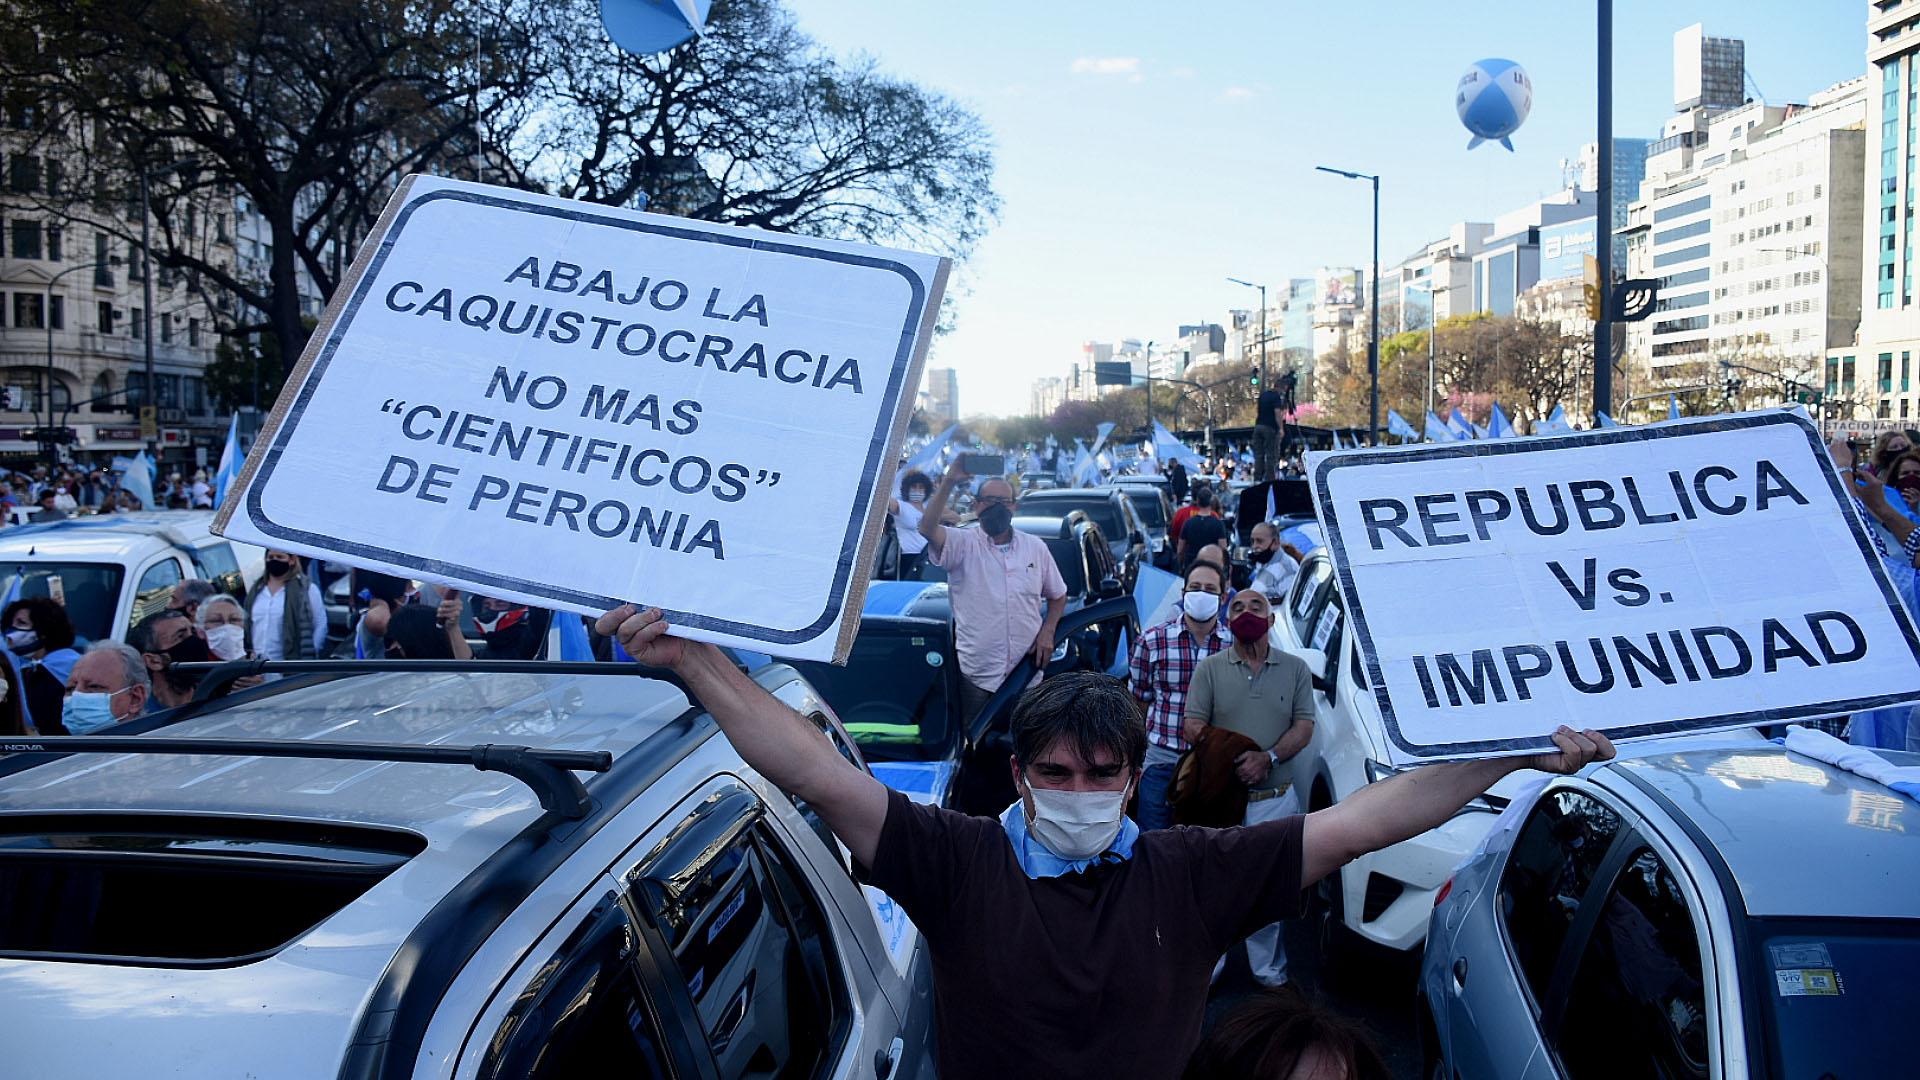 Algunos de los integrantes de la oposición apoyaron la marcha en las redes sociales